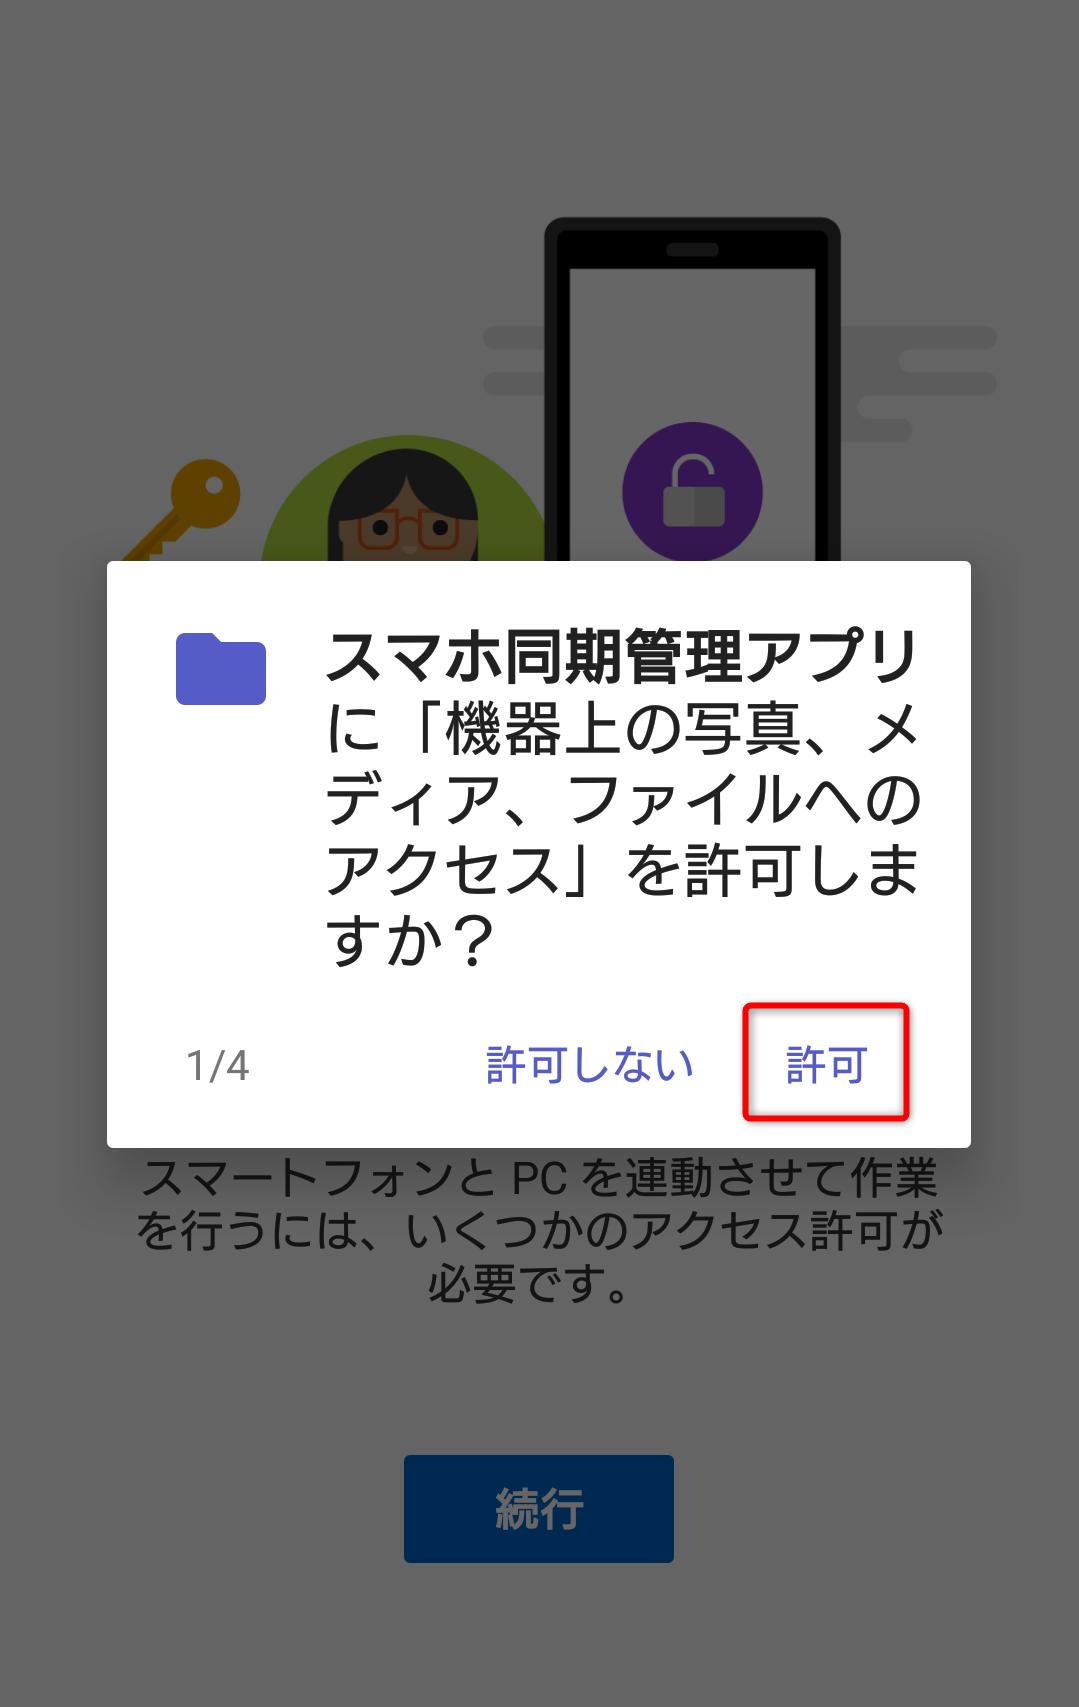 【Windows Tips】スマートフォンの写真をパソコンに保存したいときは「スマホ同期」が便利